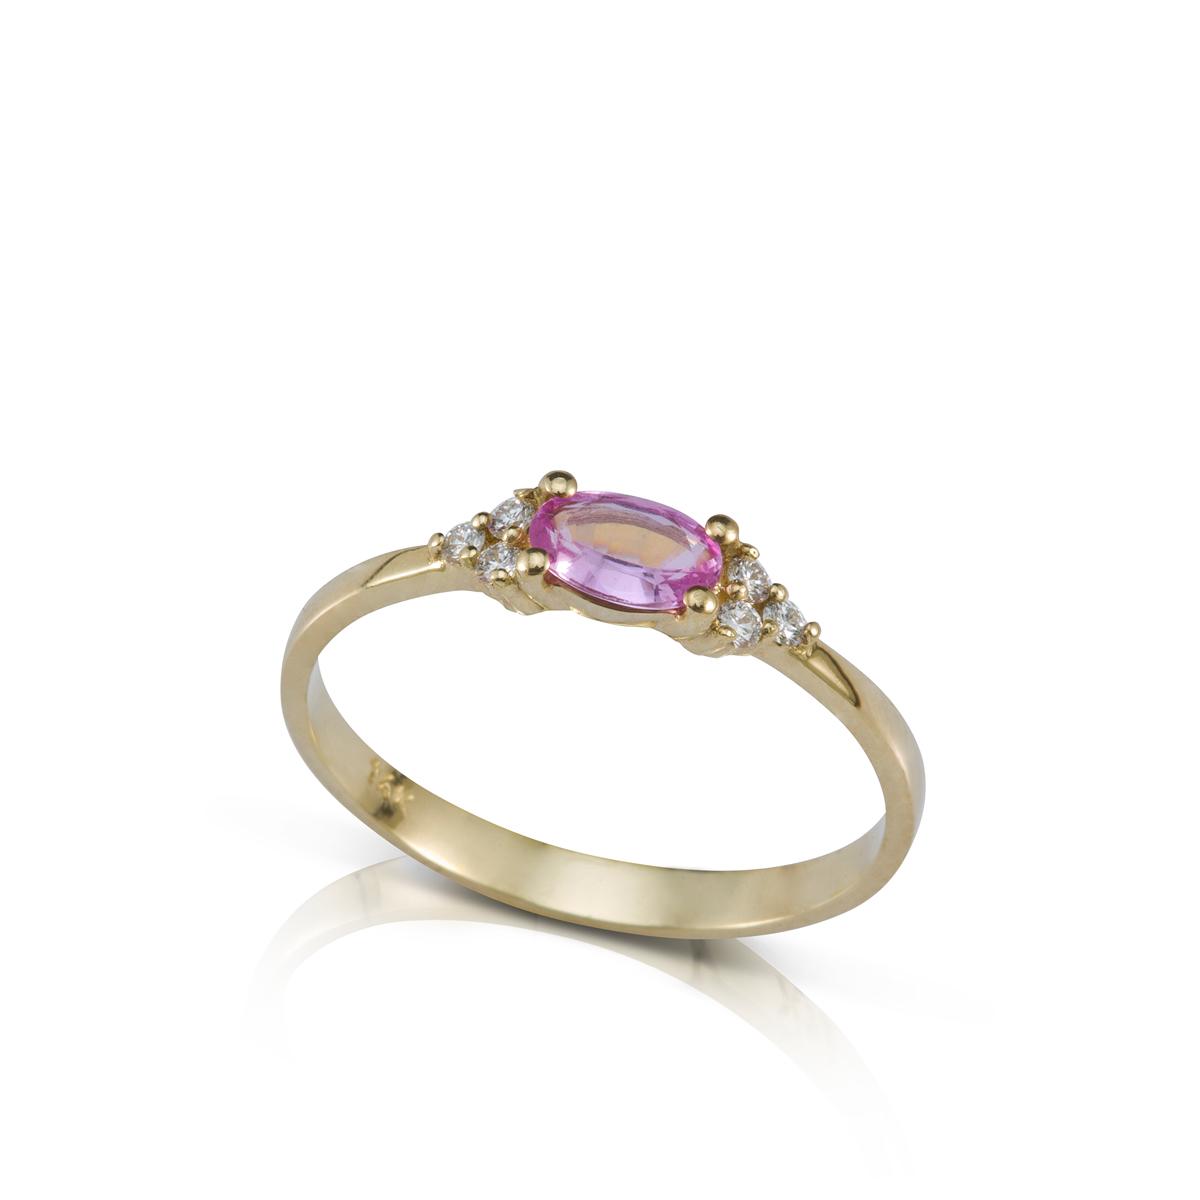 טבעת אירוסין משובצת ספיר ורוד בצורת אובל ו-6 יהלומים צדדים